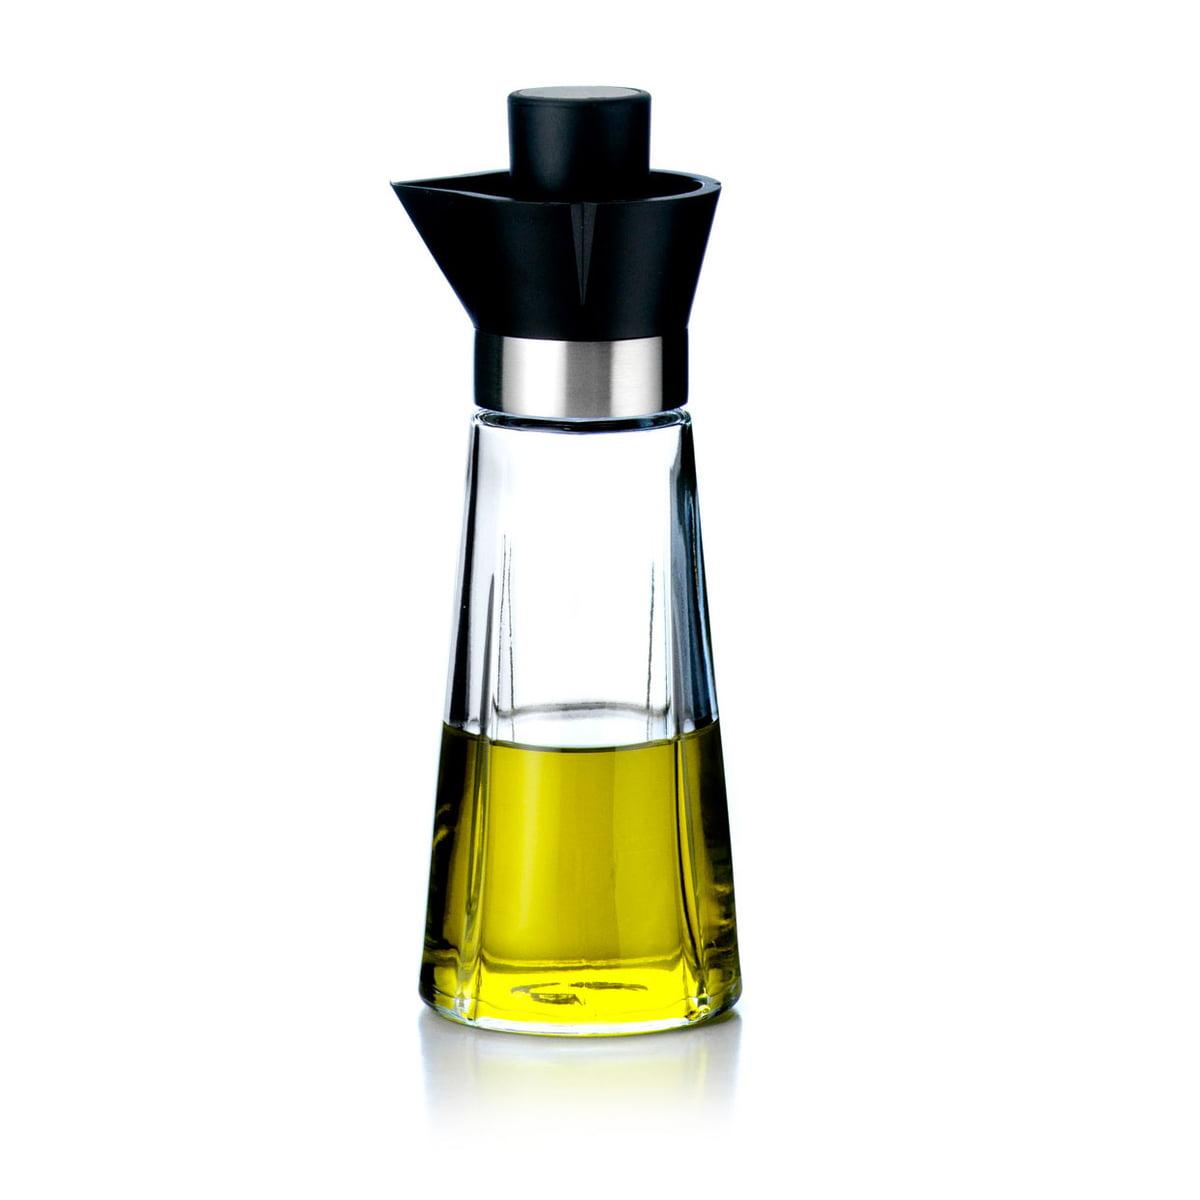 grand cru oil and vinegar bottle b. Black Bedroom Furniture Sets. Home Design Ideas